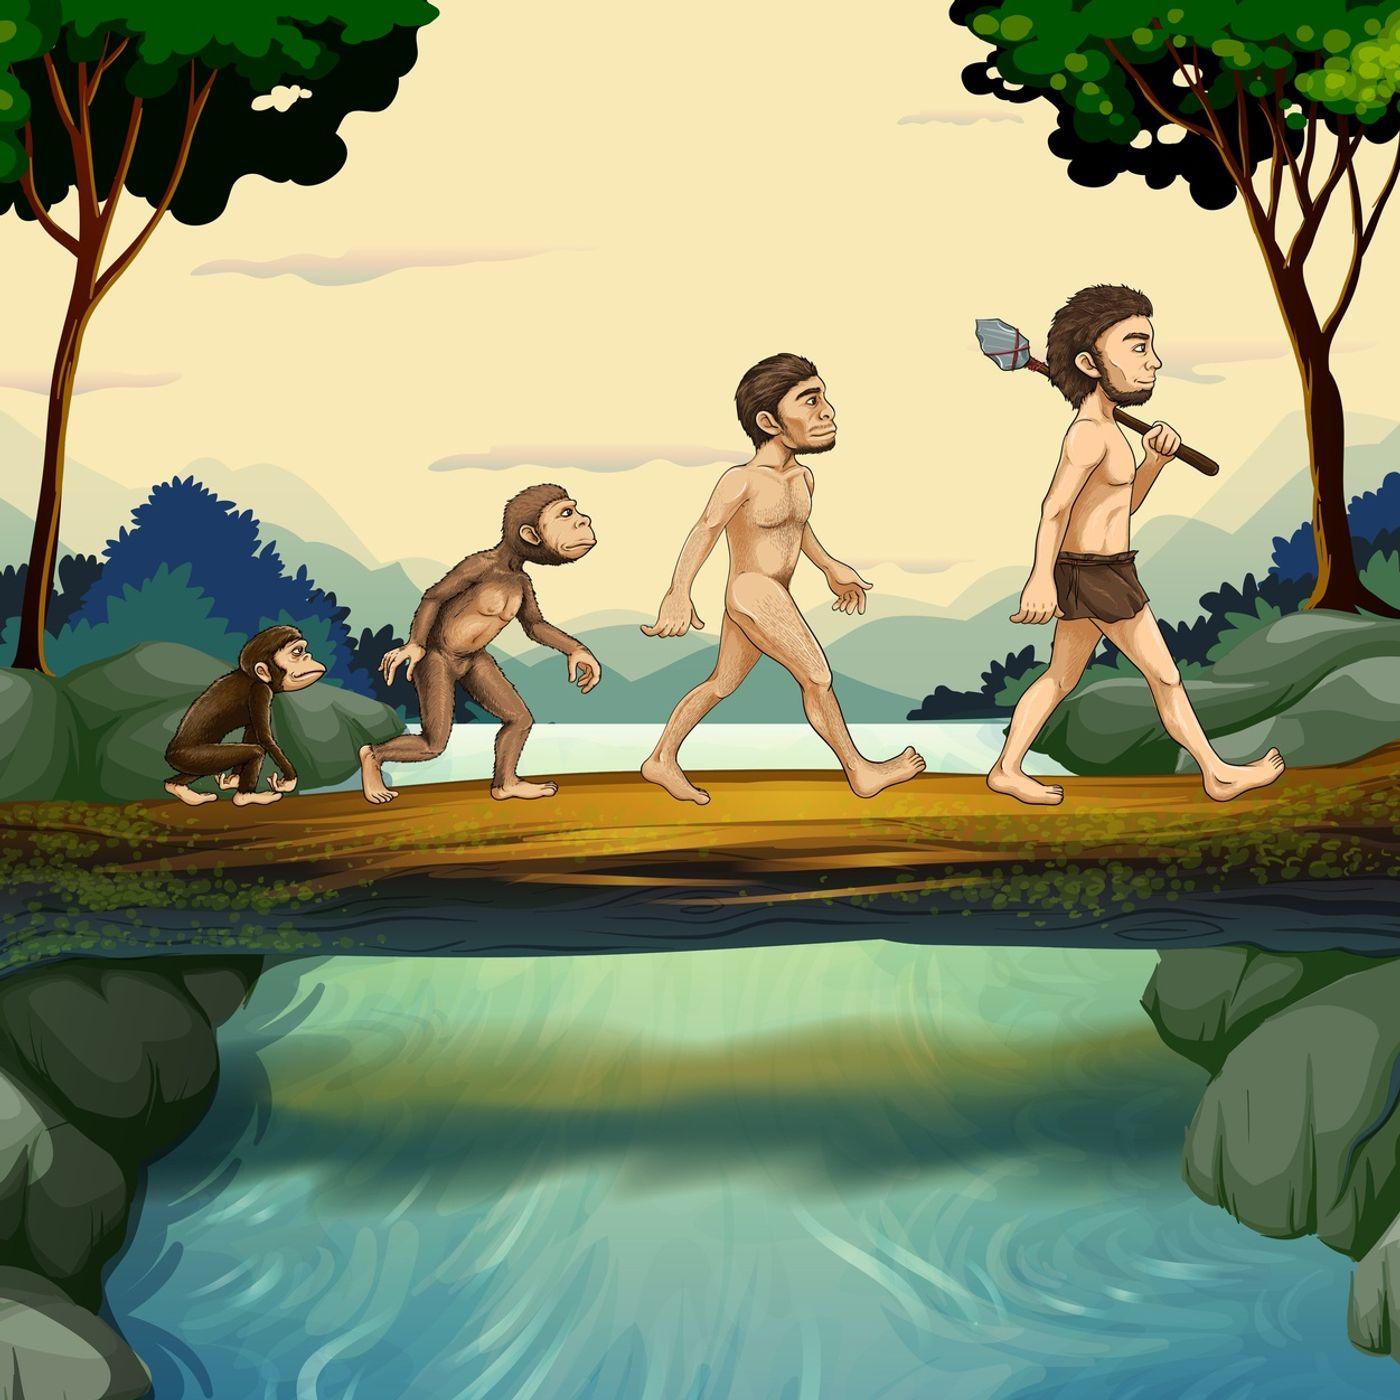 פרק 18: אבולוציה ולאן נעלמו המינים האחרים? – פרונטירז עונה 3